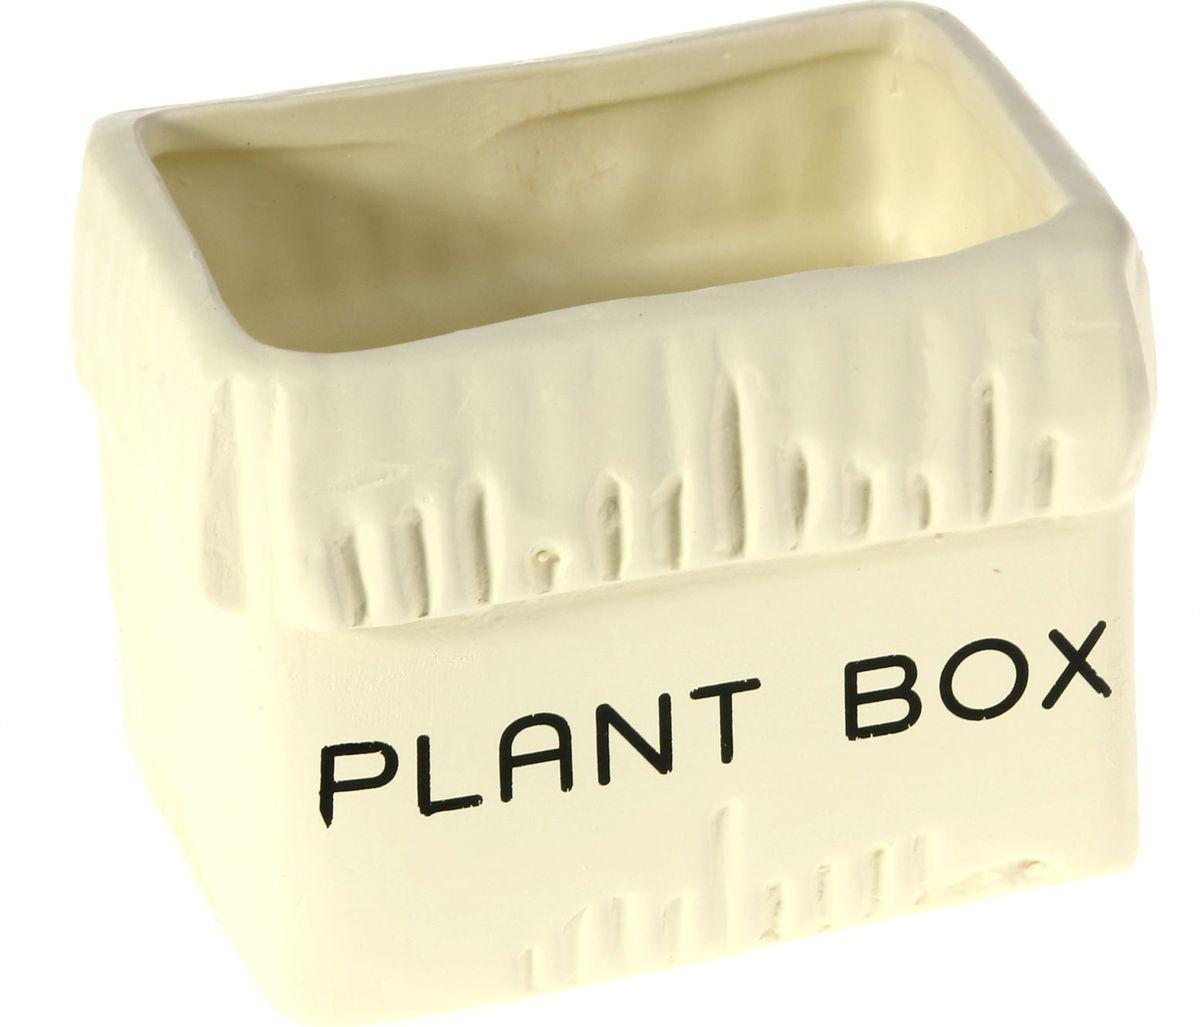 Кашпо Картонная коробка, цвет: белый, 8 х 11 х 8 см829926Комнатные растения — всеобщие любимцы. Они радуют глаз, насыщают помещение кислородом и украшают пространство. Каждому из них необходим свой удобный и красивый дом. Кашпо из керамики прекрасно подходят для высадки растений: за счёт пластичности глины и разных способов обработки существует великое множество форм и дизайновпористый материал позволяет испаряться лишней влагевоздух, необходимый для дыхания корней, проникает сквозь керамические стенки! #name# позаботится о зелёном питомце, освежит интерьер и подчеркнёт его стиль.